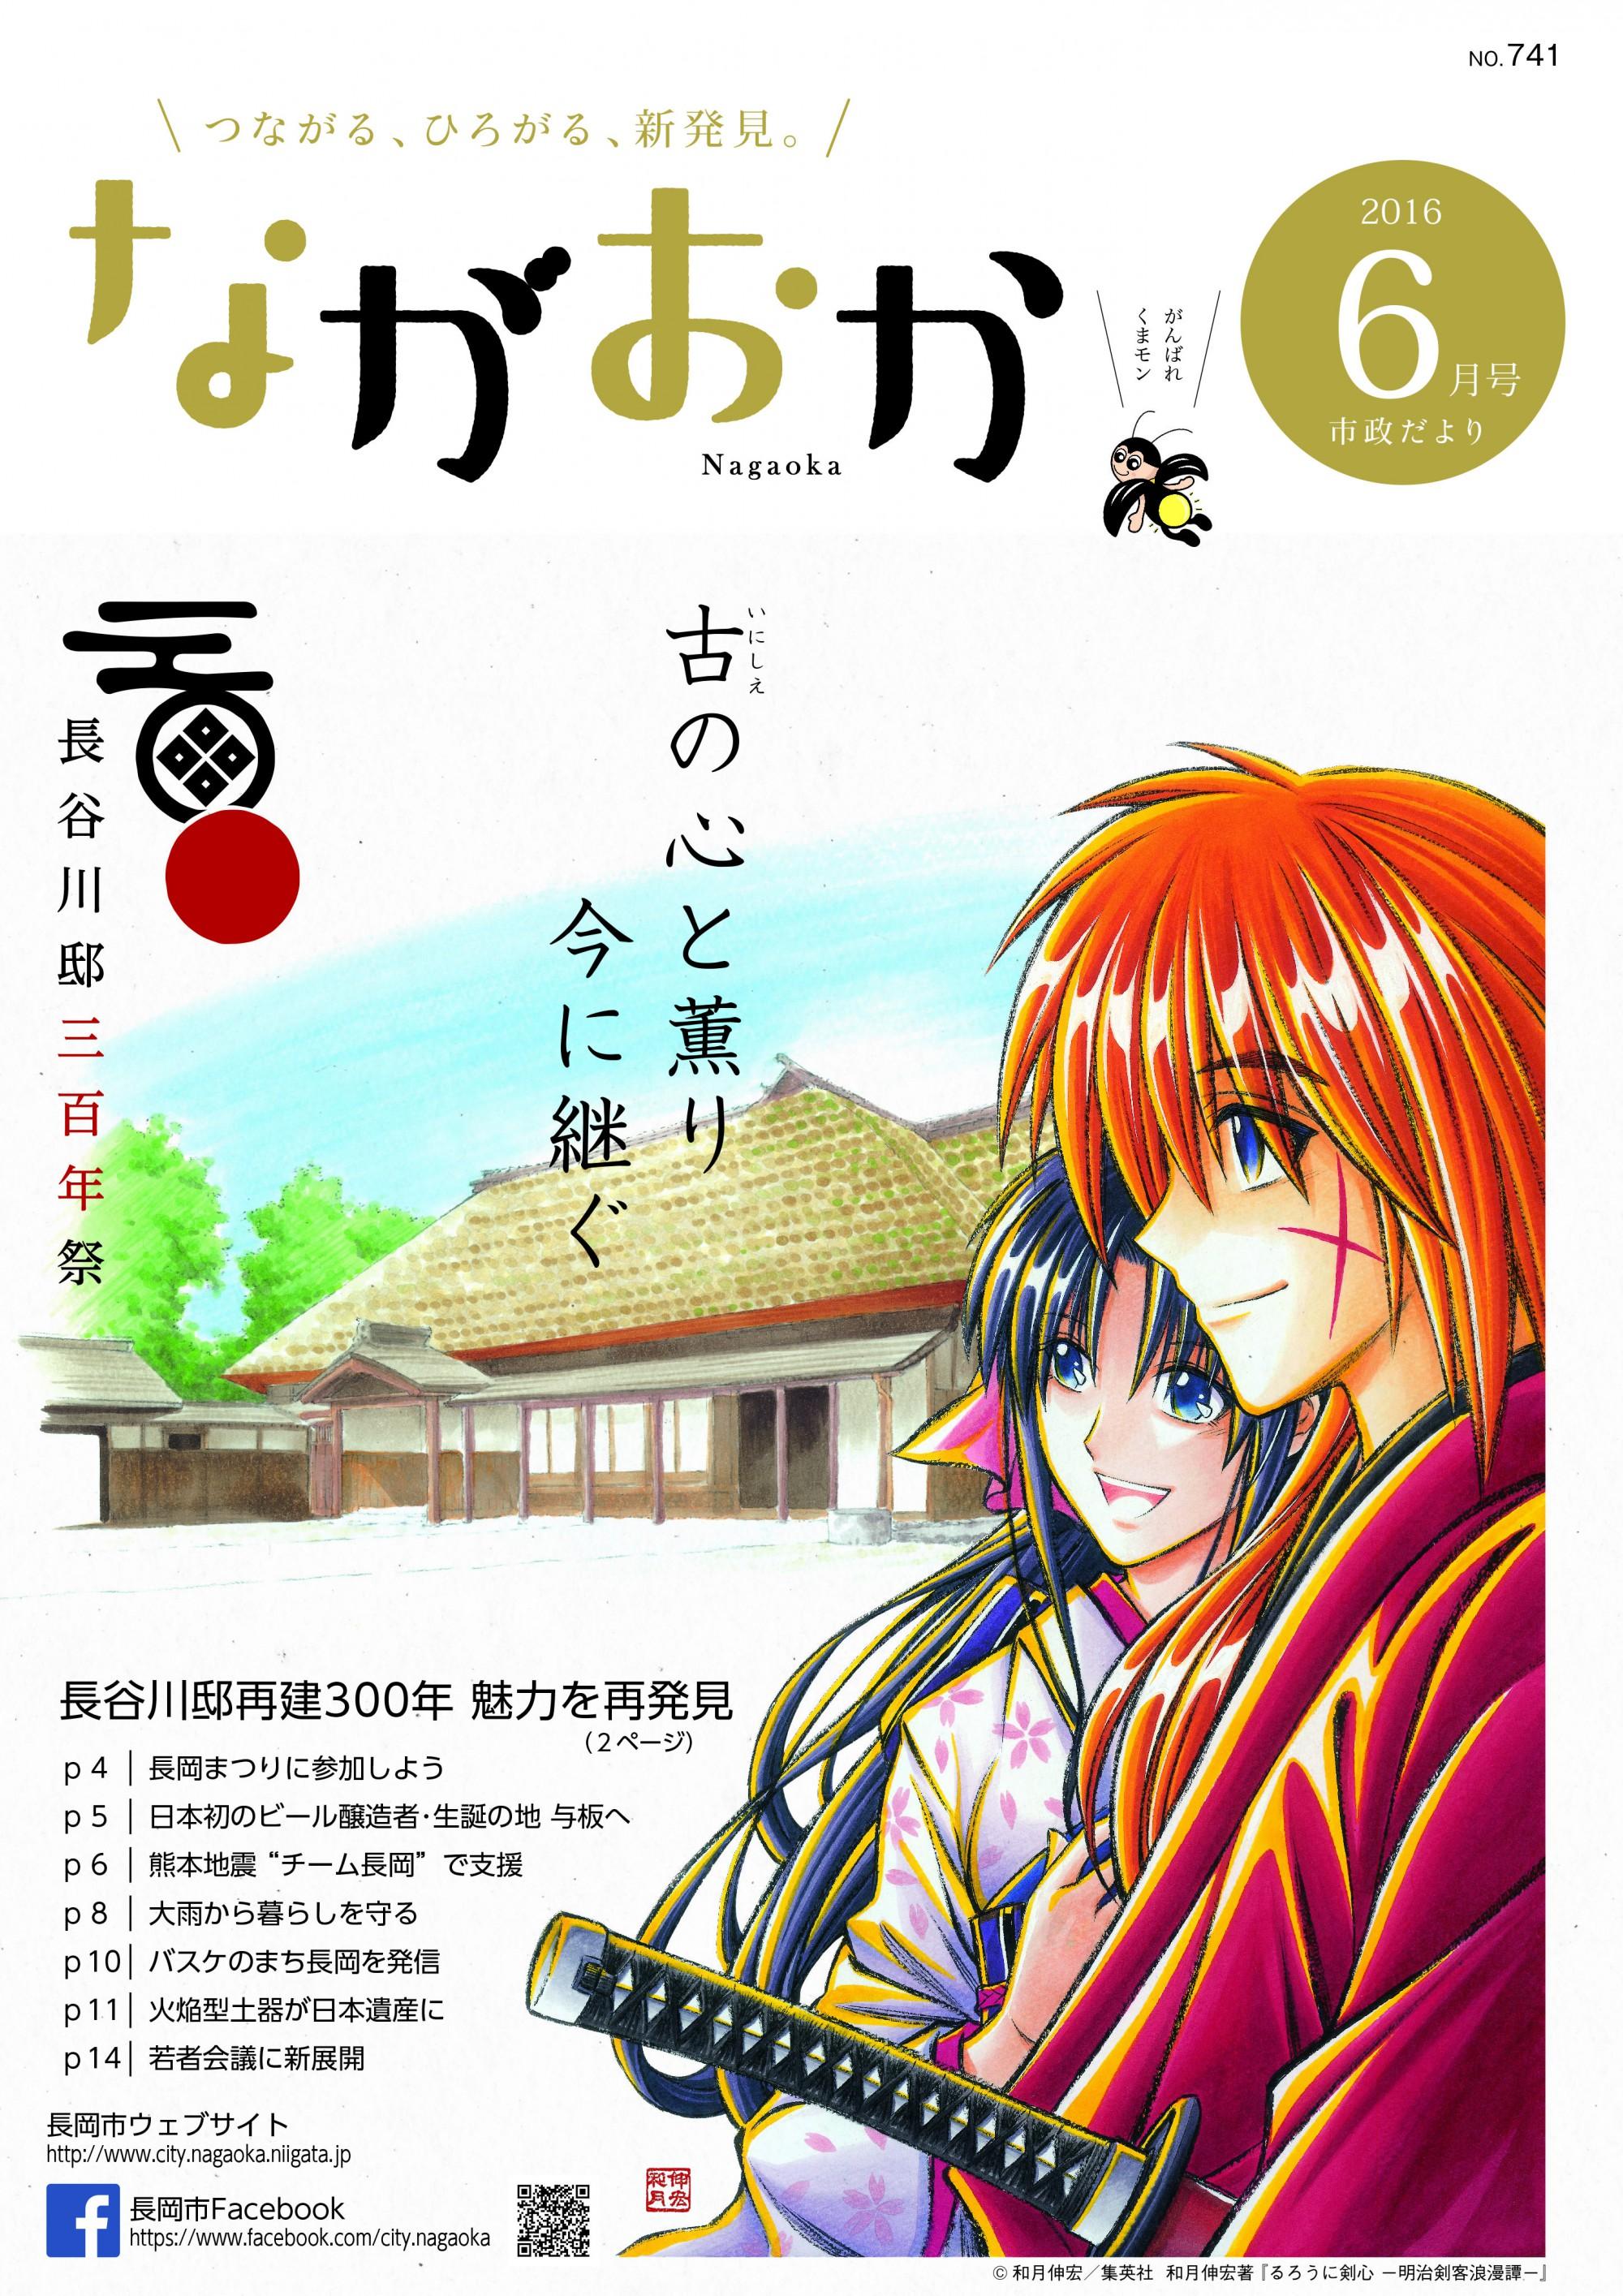 長岡市政だよりの6月号表紙を飾った「三百年祭」のビジュアル。 和月氏のイラストはこのために描き下ろされた。